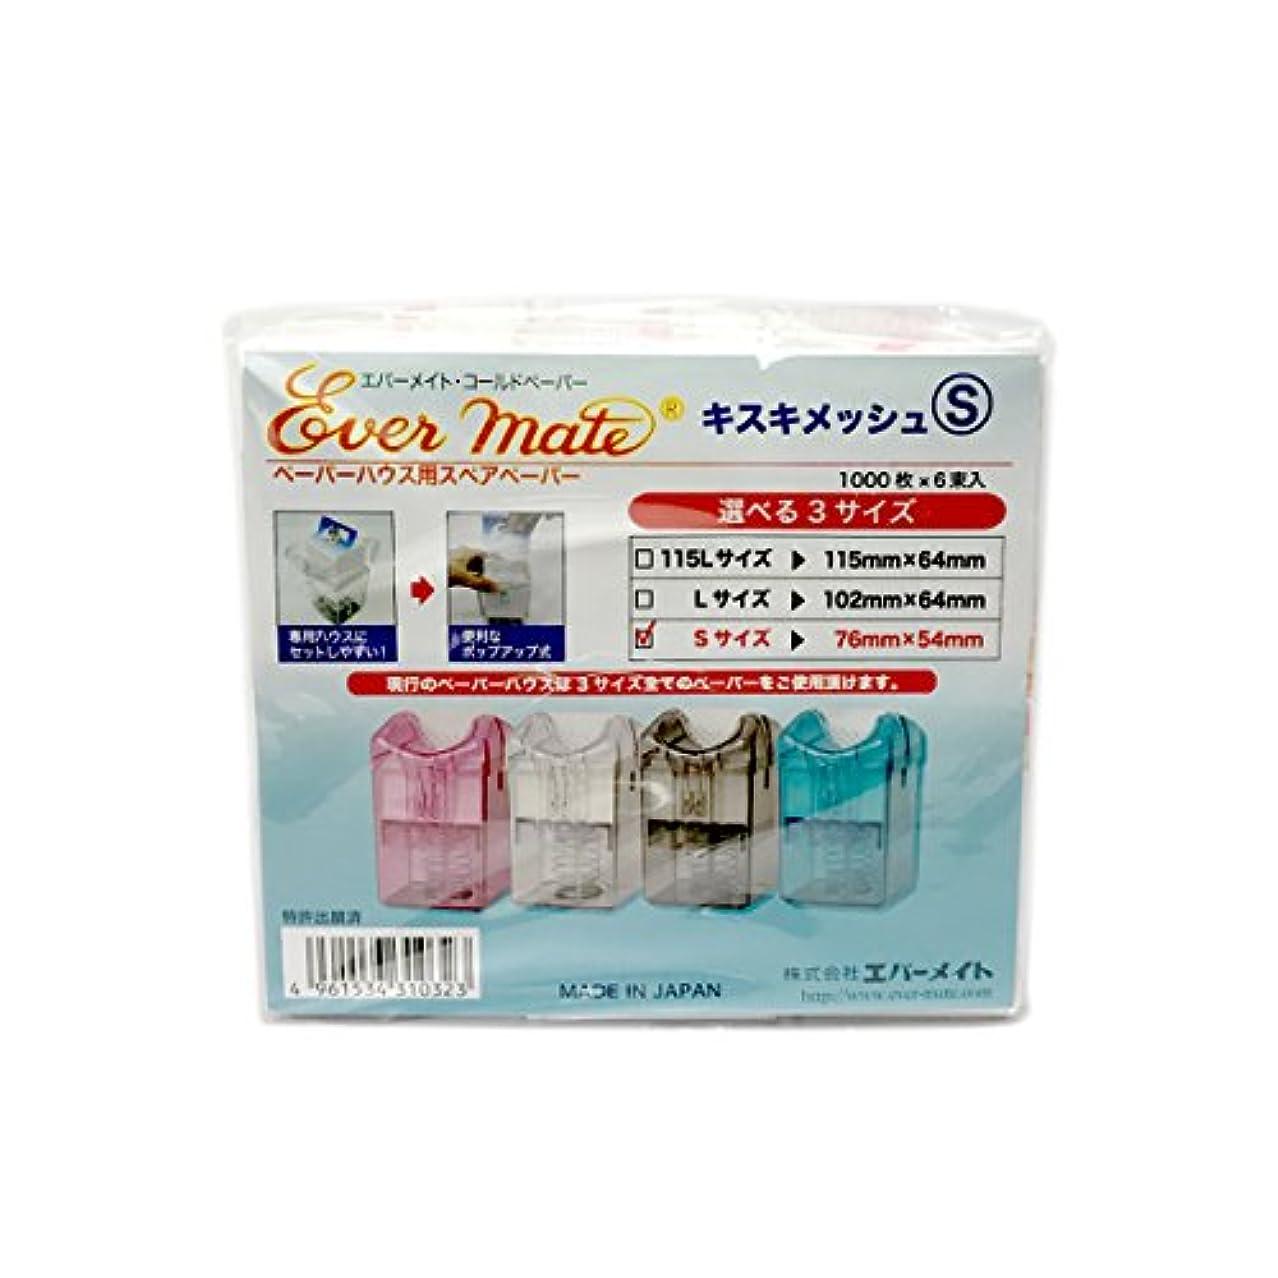 生き残りハッチ燃料米正 ペーパーハウス用スペアペーパー みさらしキスキメッシュ ショートサイズ 1000枚入×6束